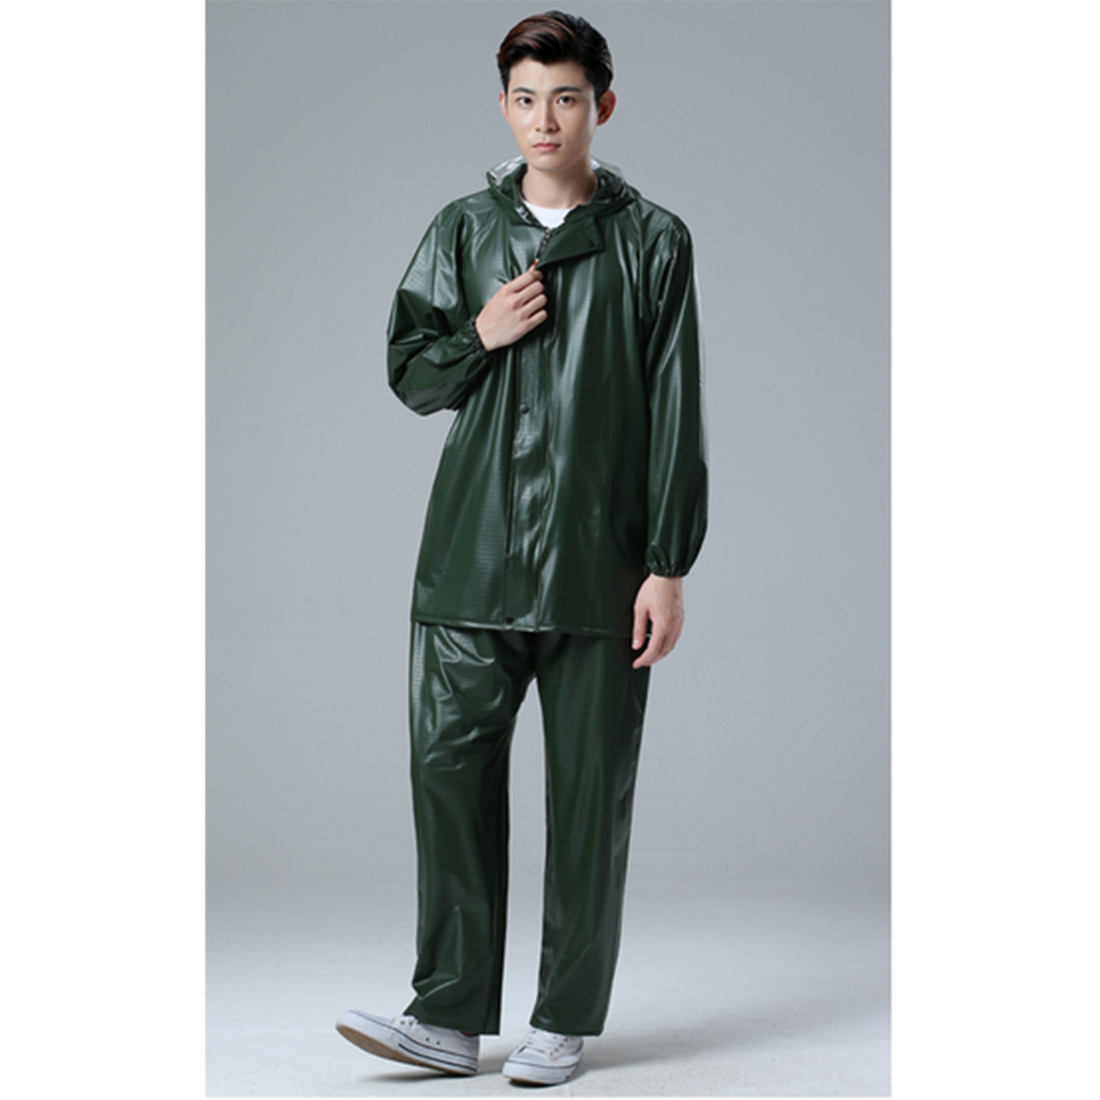 Moteur Randonnée Pluie Gears-Couleur Aléatoire Livraison Taille En Plastique Costume Hommes Imperméable Imperméable adulte combinaison de pluie Extérieur Escalade